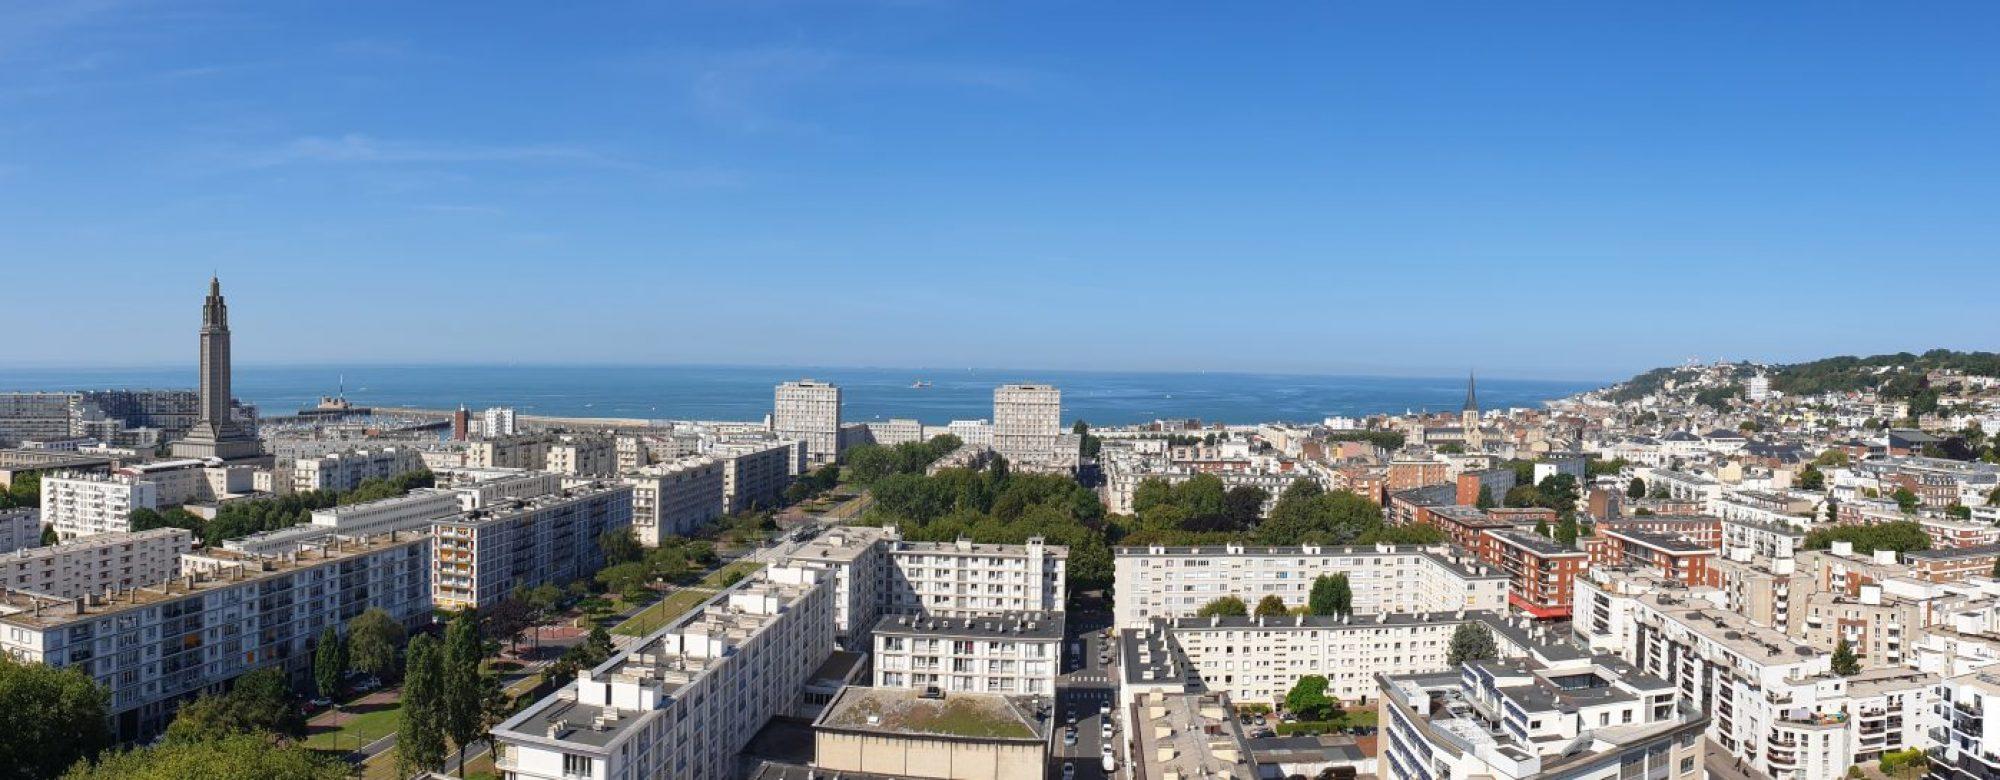 Panoramique vers Porte Océane